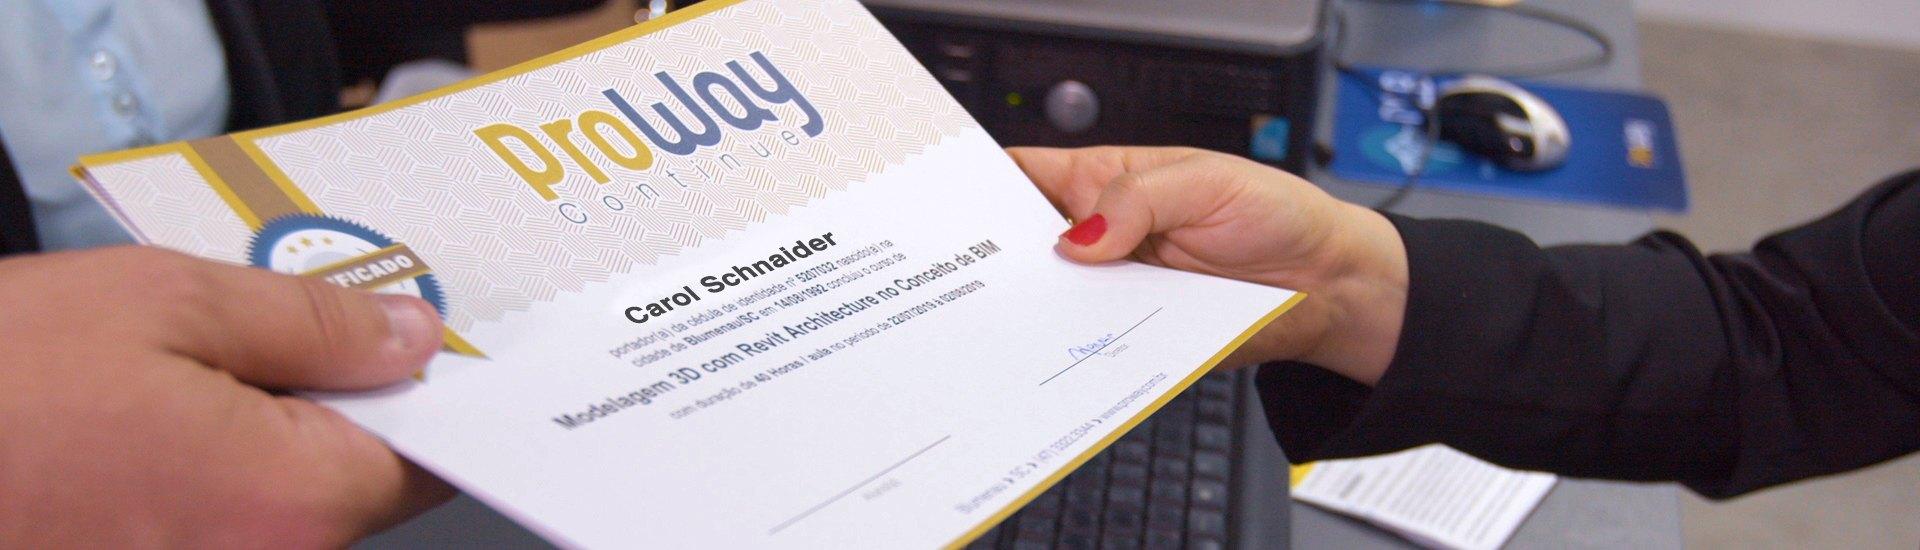 Crie sua Trilha de Aprendizado! - Conheça as Especilizações ProWay e se Qualifique!